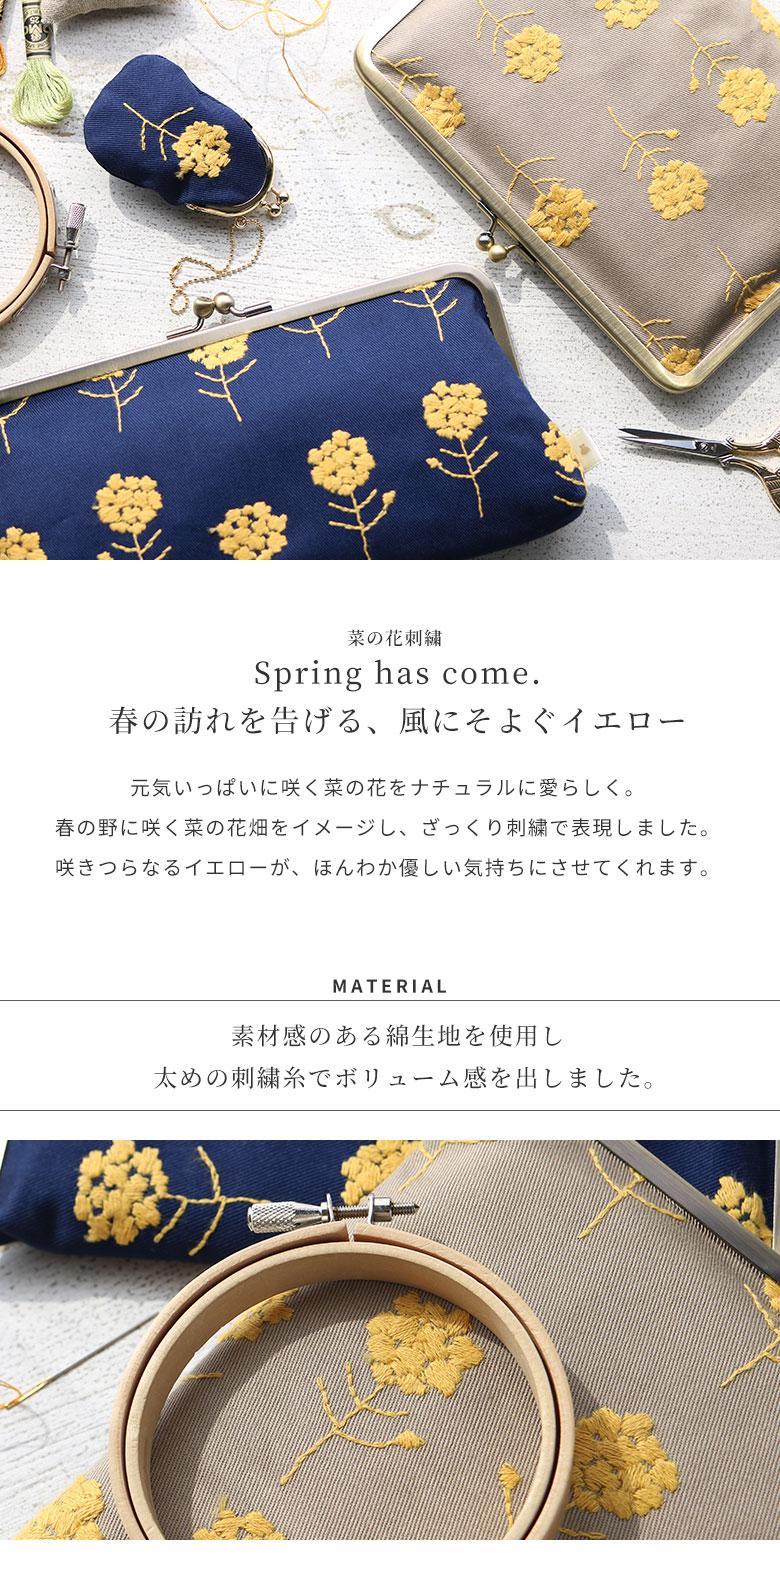 菜の花刺繍 Spring has come.春の訪れを告げる、風にそよぐイエロー 元気いっぱいに咲く菜の花をナチュラルに愛らしく。春の野に咲く菜の花畑をイメージし、ざっくり刺繍で表現しました。咲きつらなるイエローが、ほんわか優しい気持ちにさせてくれます。 MATERIAL 素材感のある綿生地を使用し 太めの刺繍糸でボリューム感を出しました。